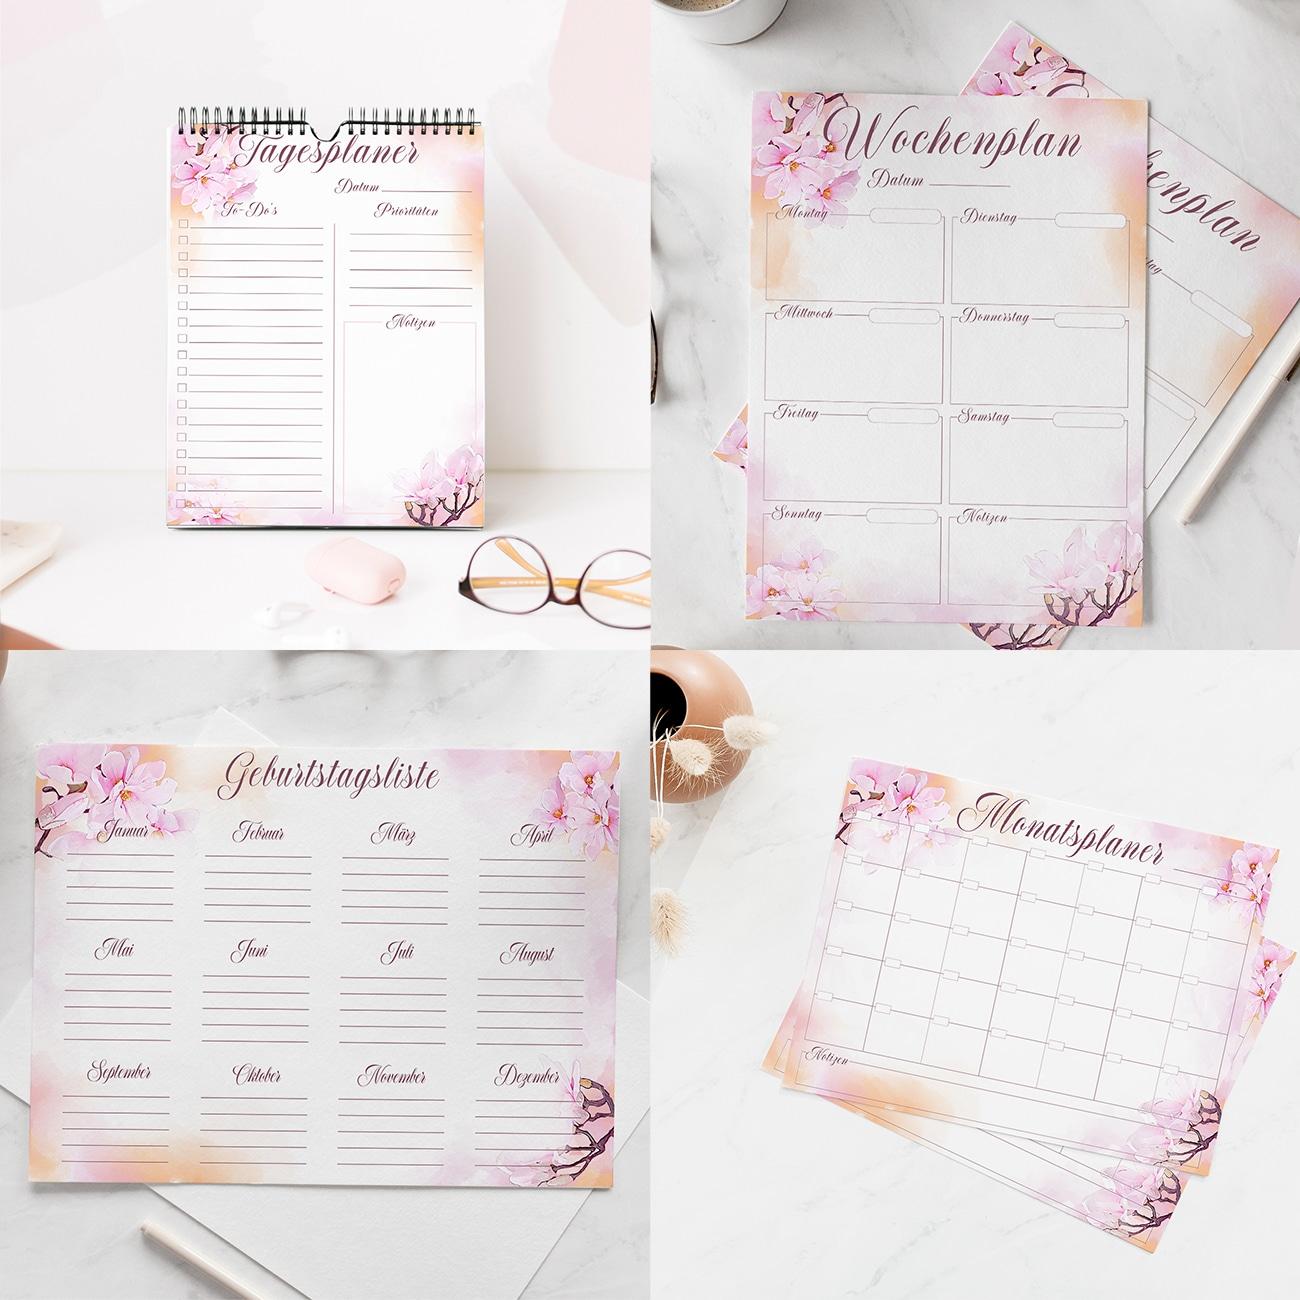 Kalender 2020 zum Ausdrucken Planer Vorlagen Tischauflage ausfüllbare PDF Watercolor Pink rosa blumen